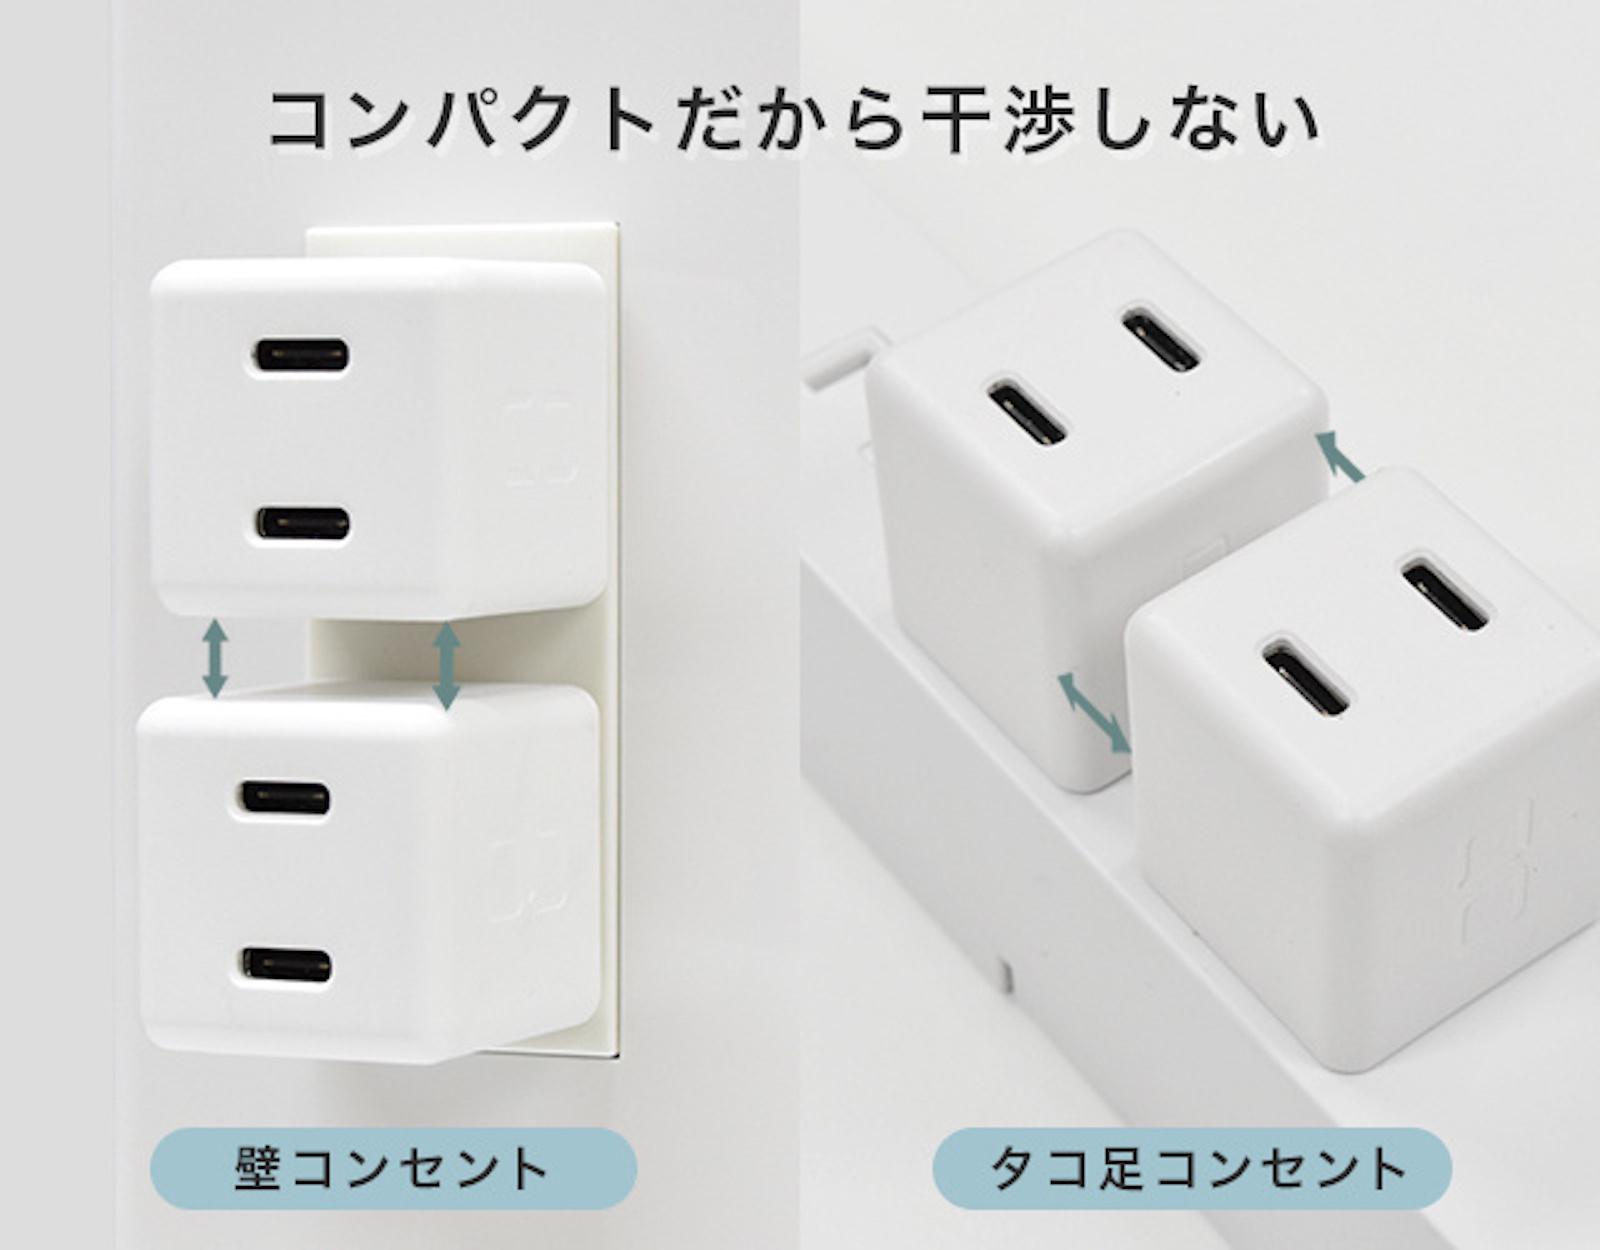 CIO 20cm USB Charger Makuake 2